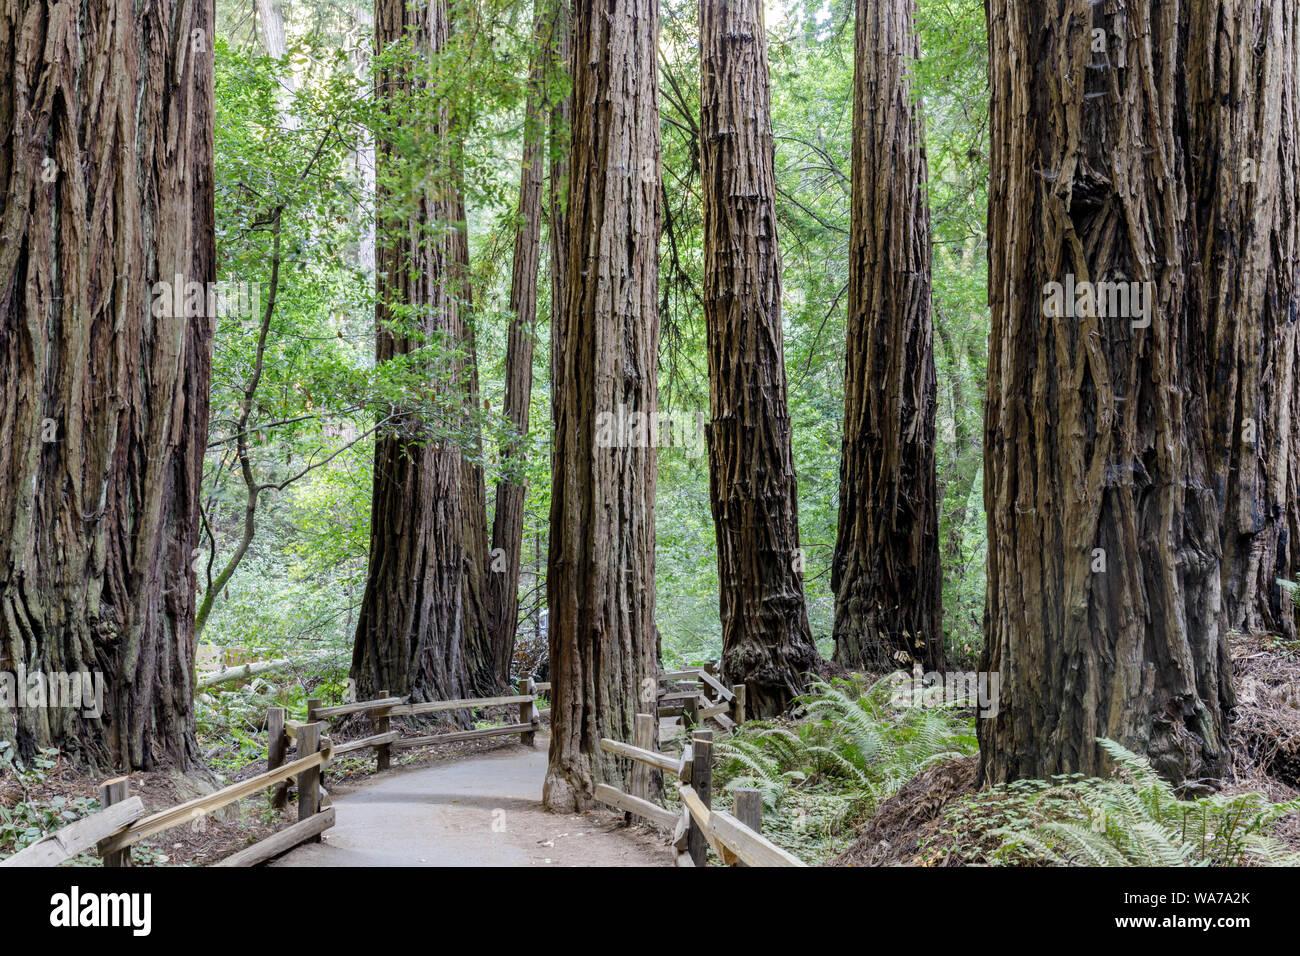 Viejo crecimiento Coast Redwood árboles alrededor de sendero asfaltado Foto de stock